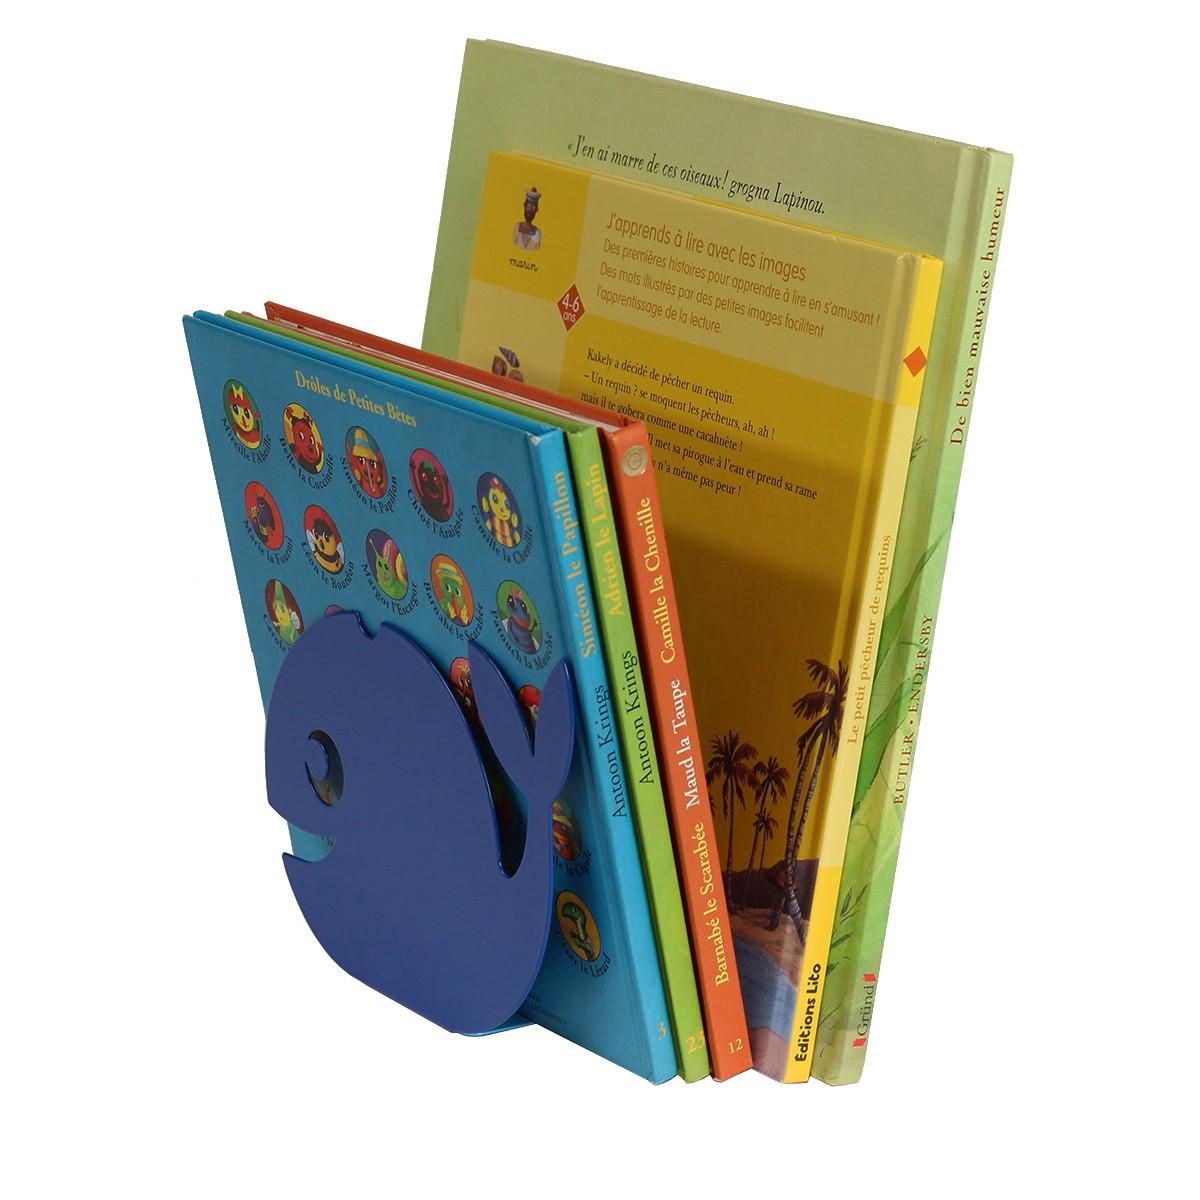 Serre-livres métal bleu - Rangement livres